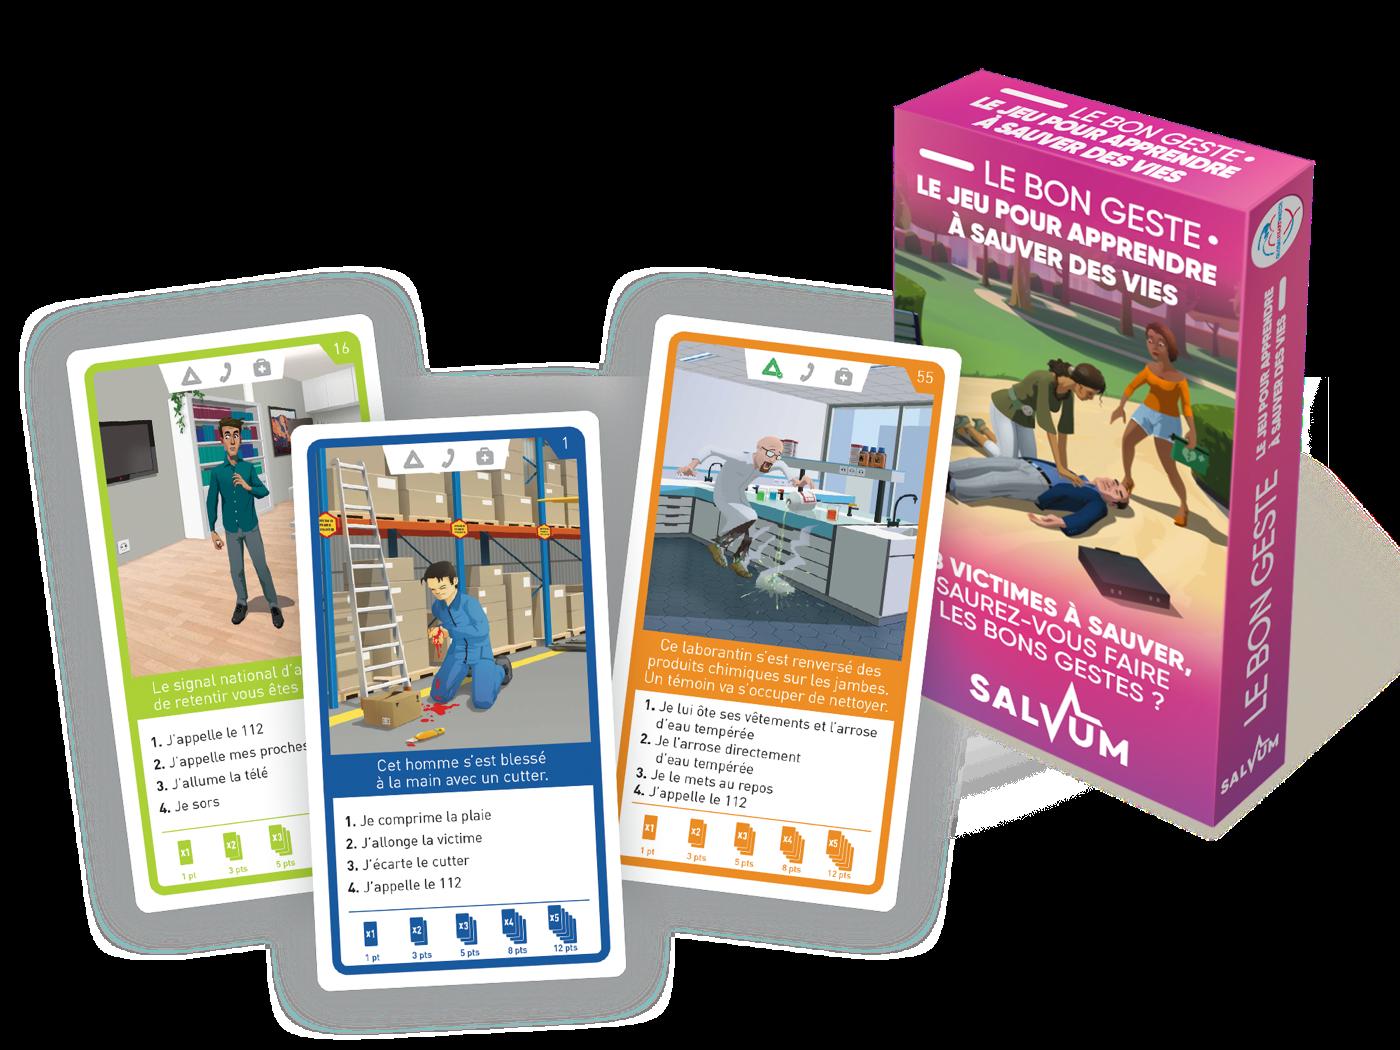 Des produits ludo-educatifs autour du secourisme : jeux de cartes, mémo, mallettes pédagogiques etc.